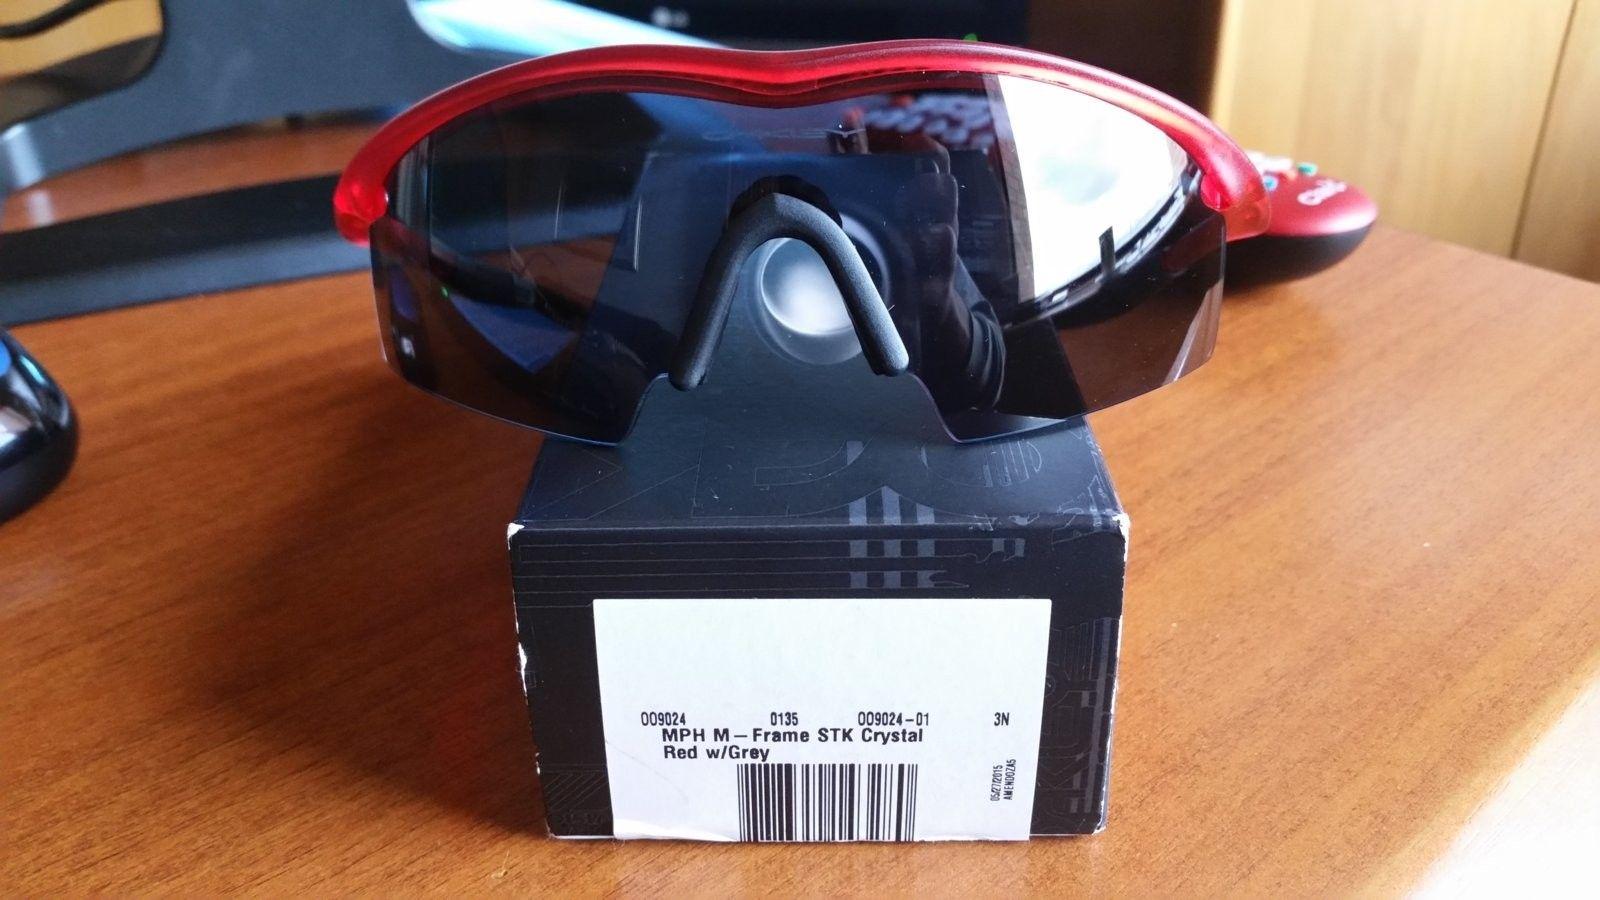 BNIB MPH M-Frame, STK Crystal Red, SKU# 9024-01 - 20161010_085254.jpg